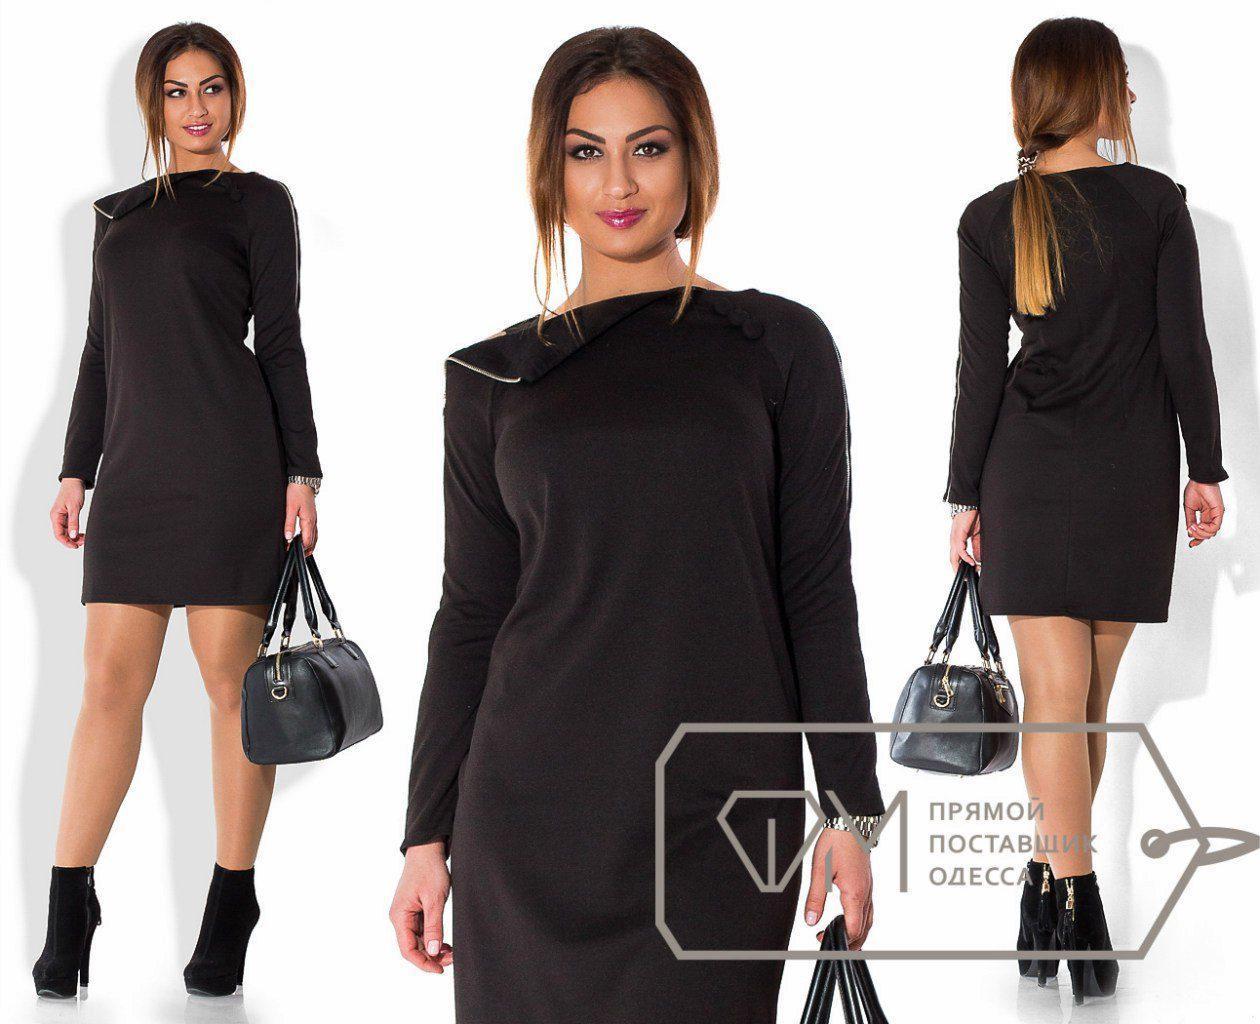 Комфортное женское платье приятное к телу